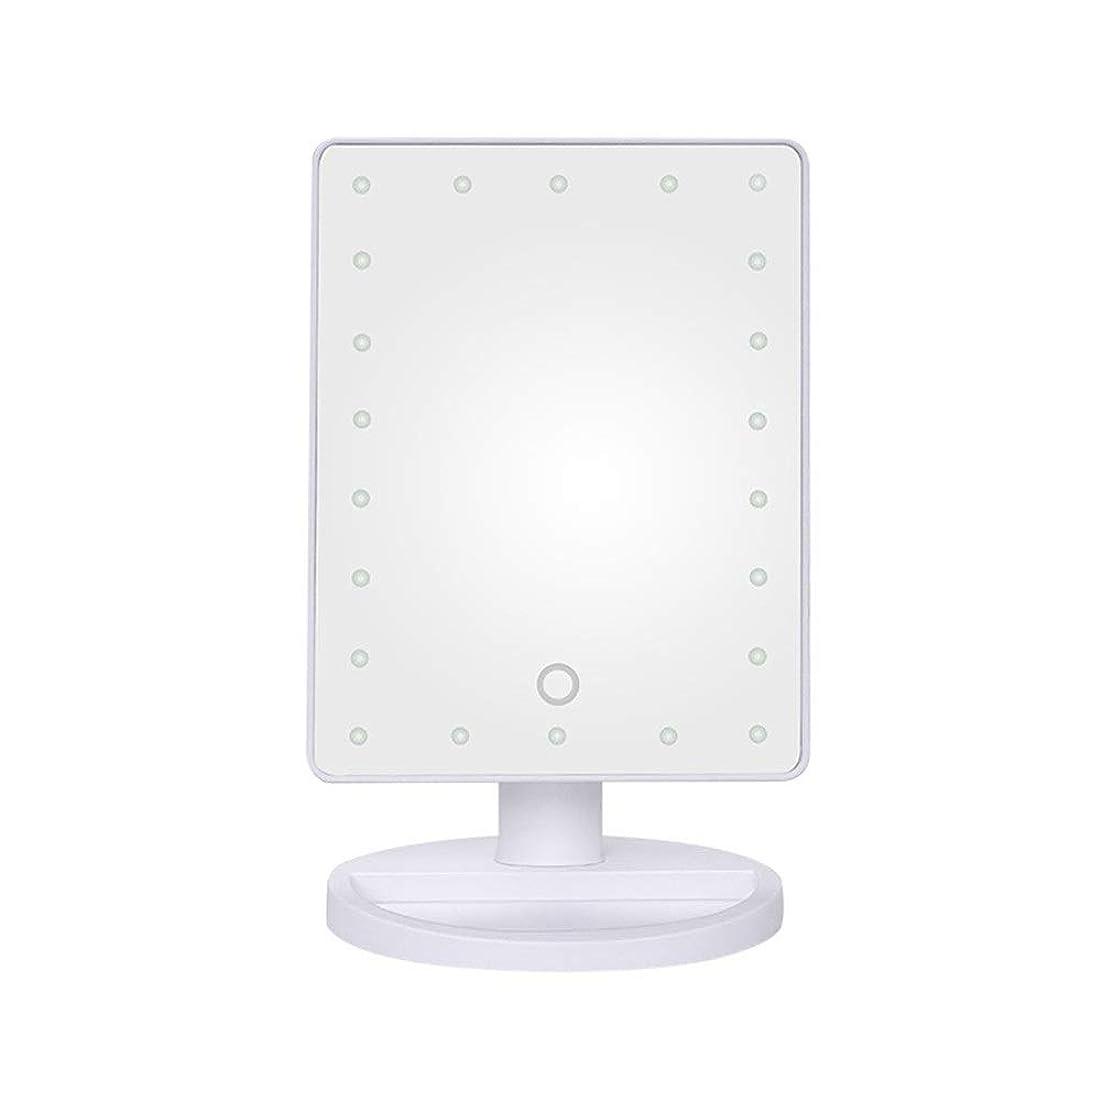 放映破産低い化粧鏡 カウンタートップLED照明付き化粧バニティミラータッチスクリーン調整可能調光対応180°回転デスクトップ化粧品ミラー(収納ベース付き)LEDテーブルライト(毎日使用) 浴室のシャワー旅行 (色 : 白, サイズ : ワンサイズ)